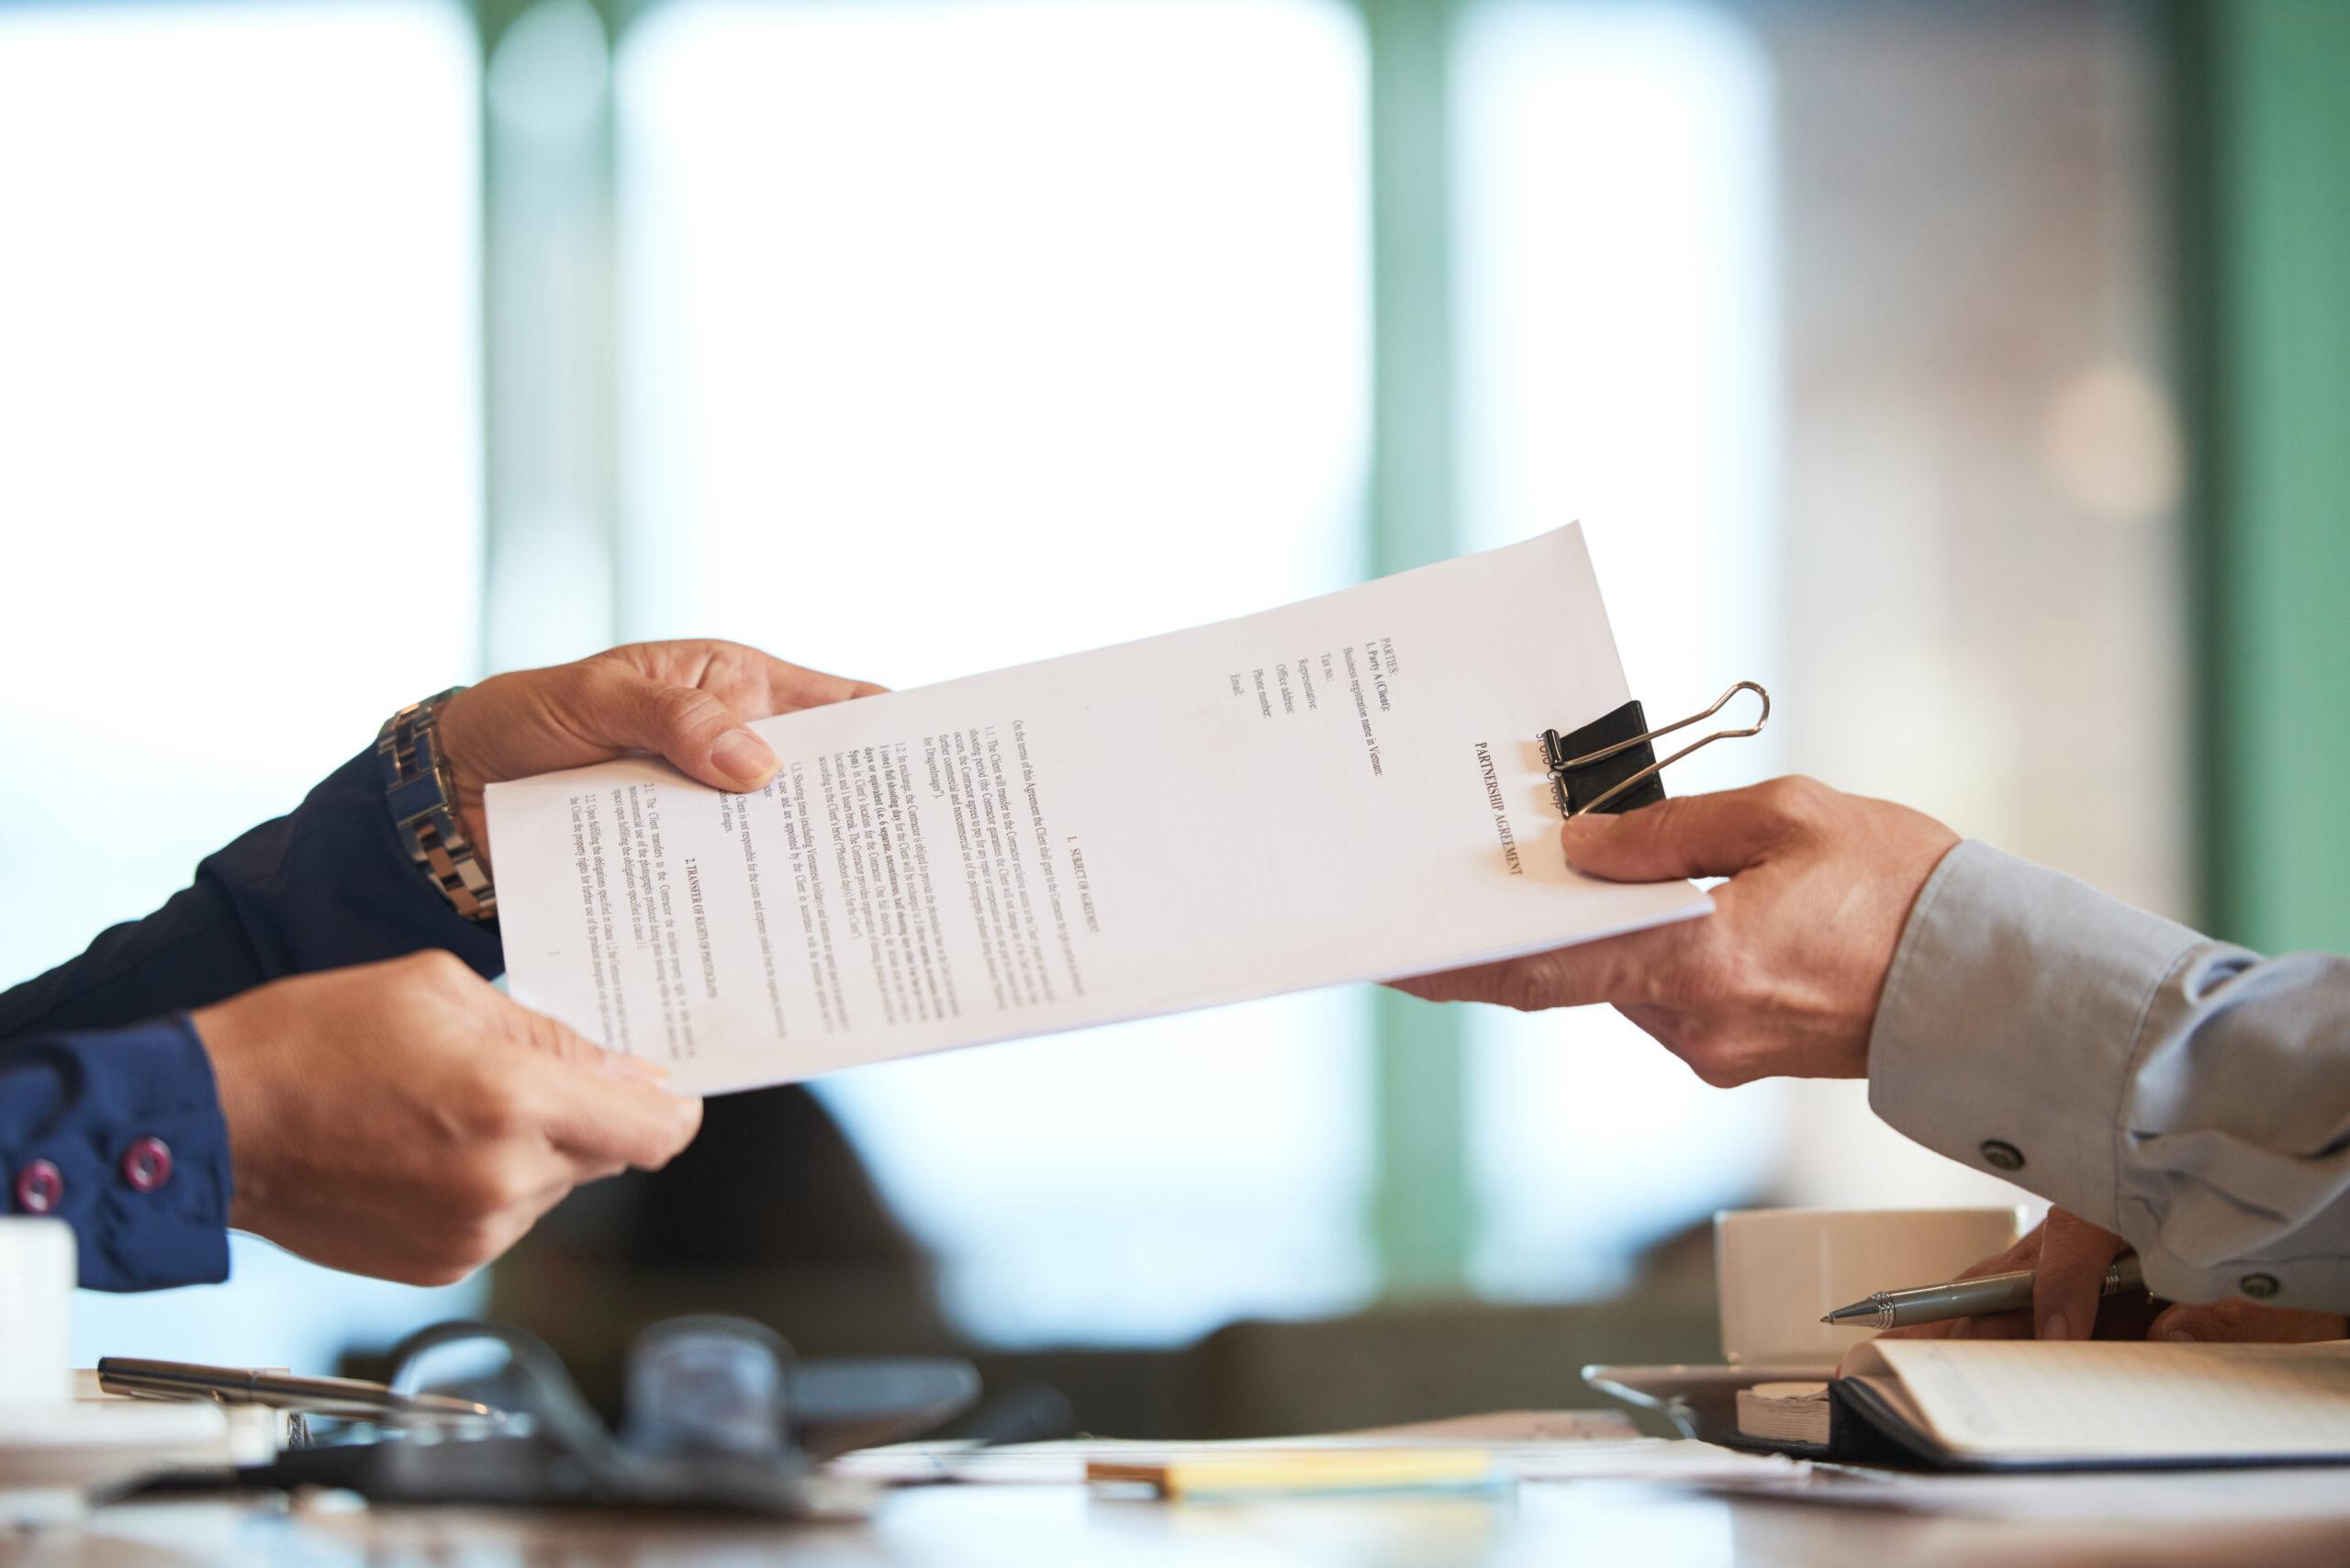 ФЛП-единщики будут представлять новую отчетность по единому налогу и ЕСВ